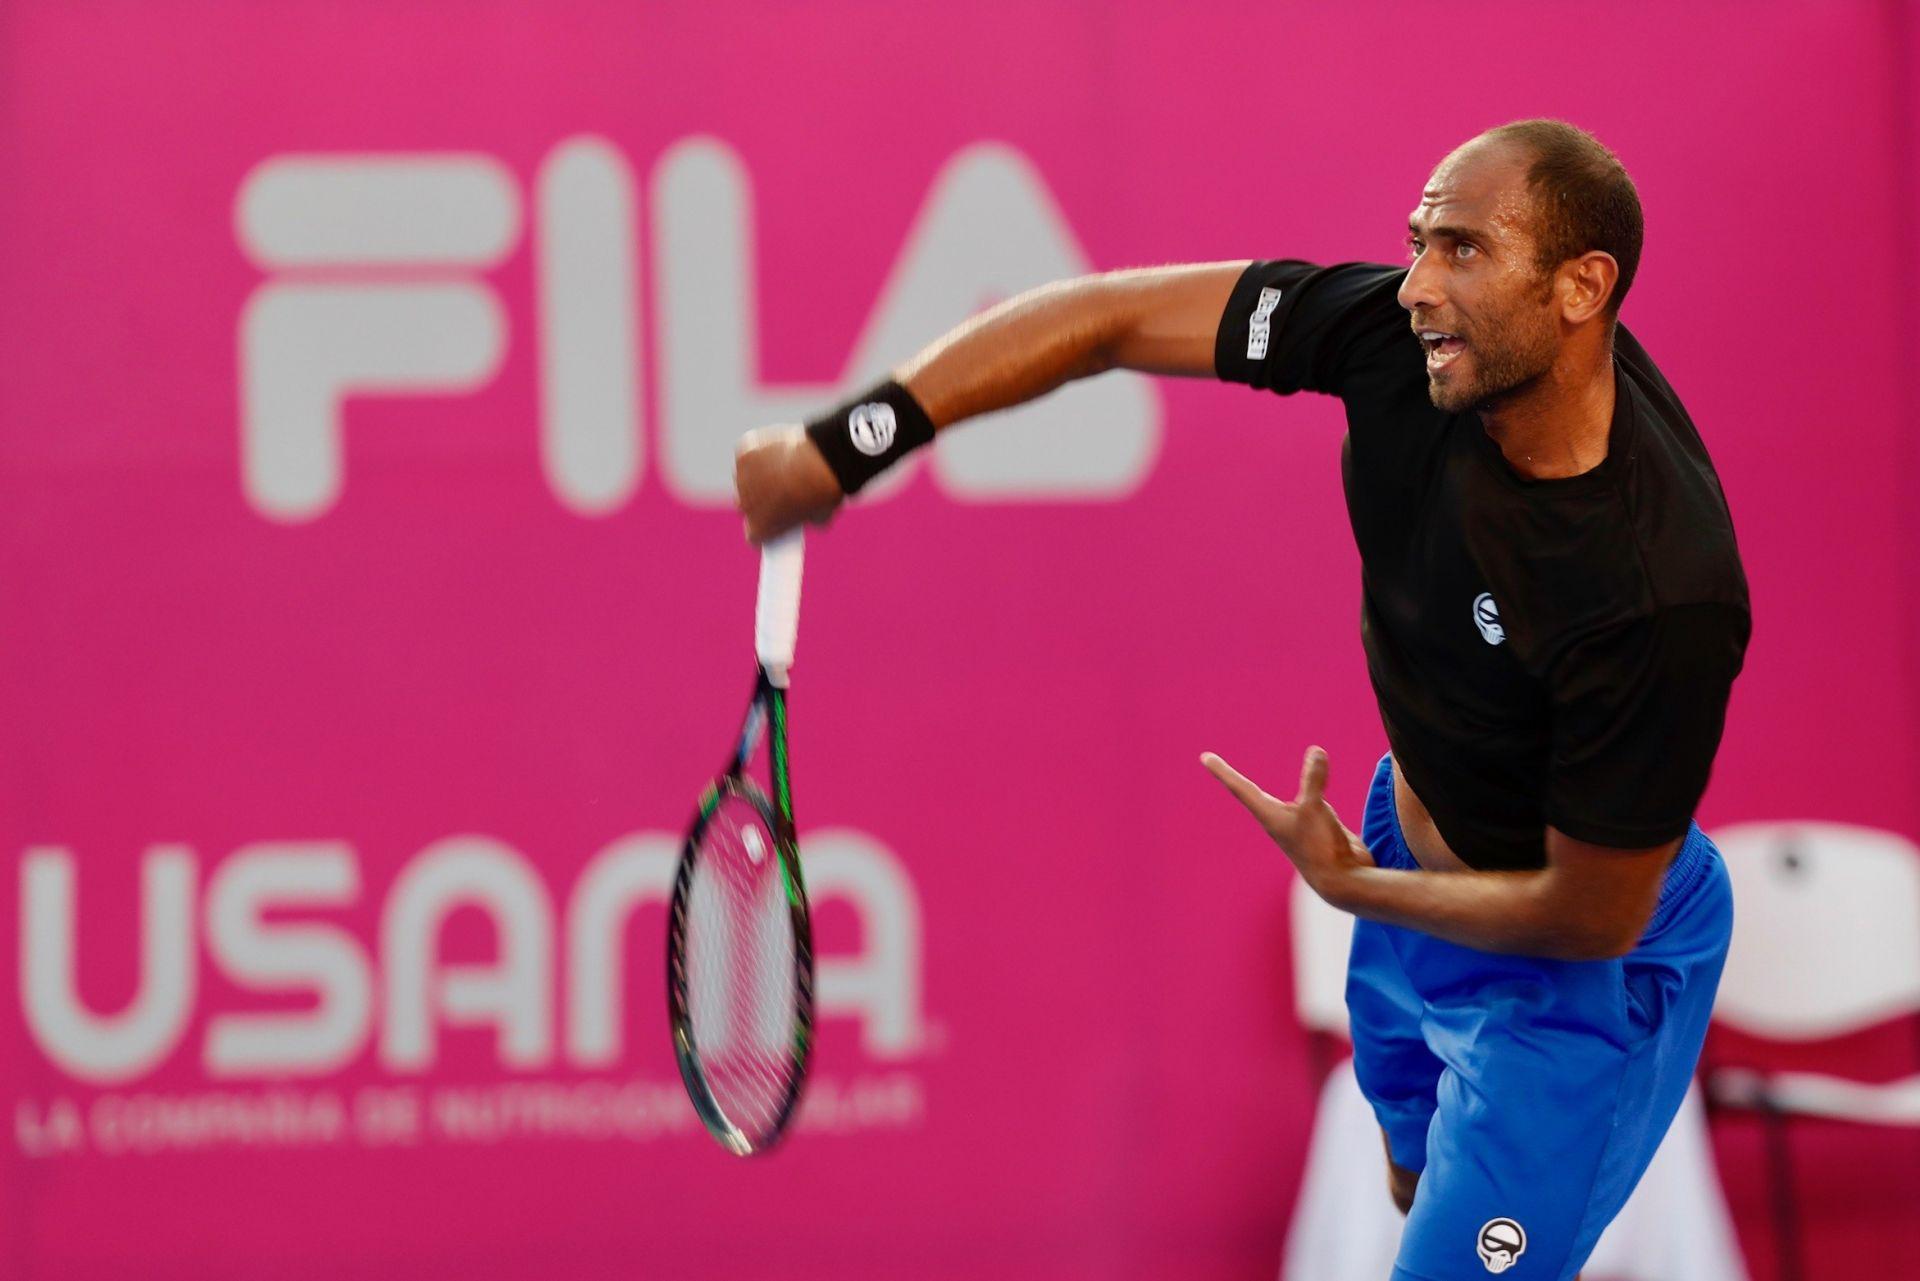 El tenista egipcio Mohamed Safwat en acción ante el español Feliciano López hoy, martes 31 de julio de 2018, durante el segundo día del Abierto de Tenis Los Cabos, en Baja California Sur